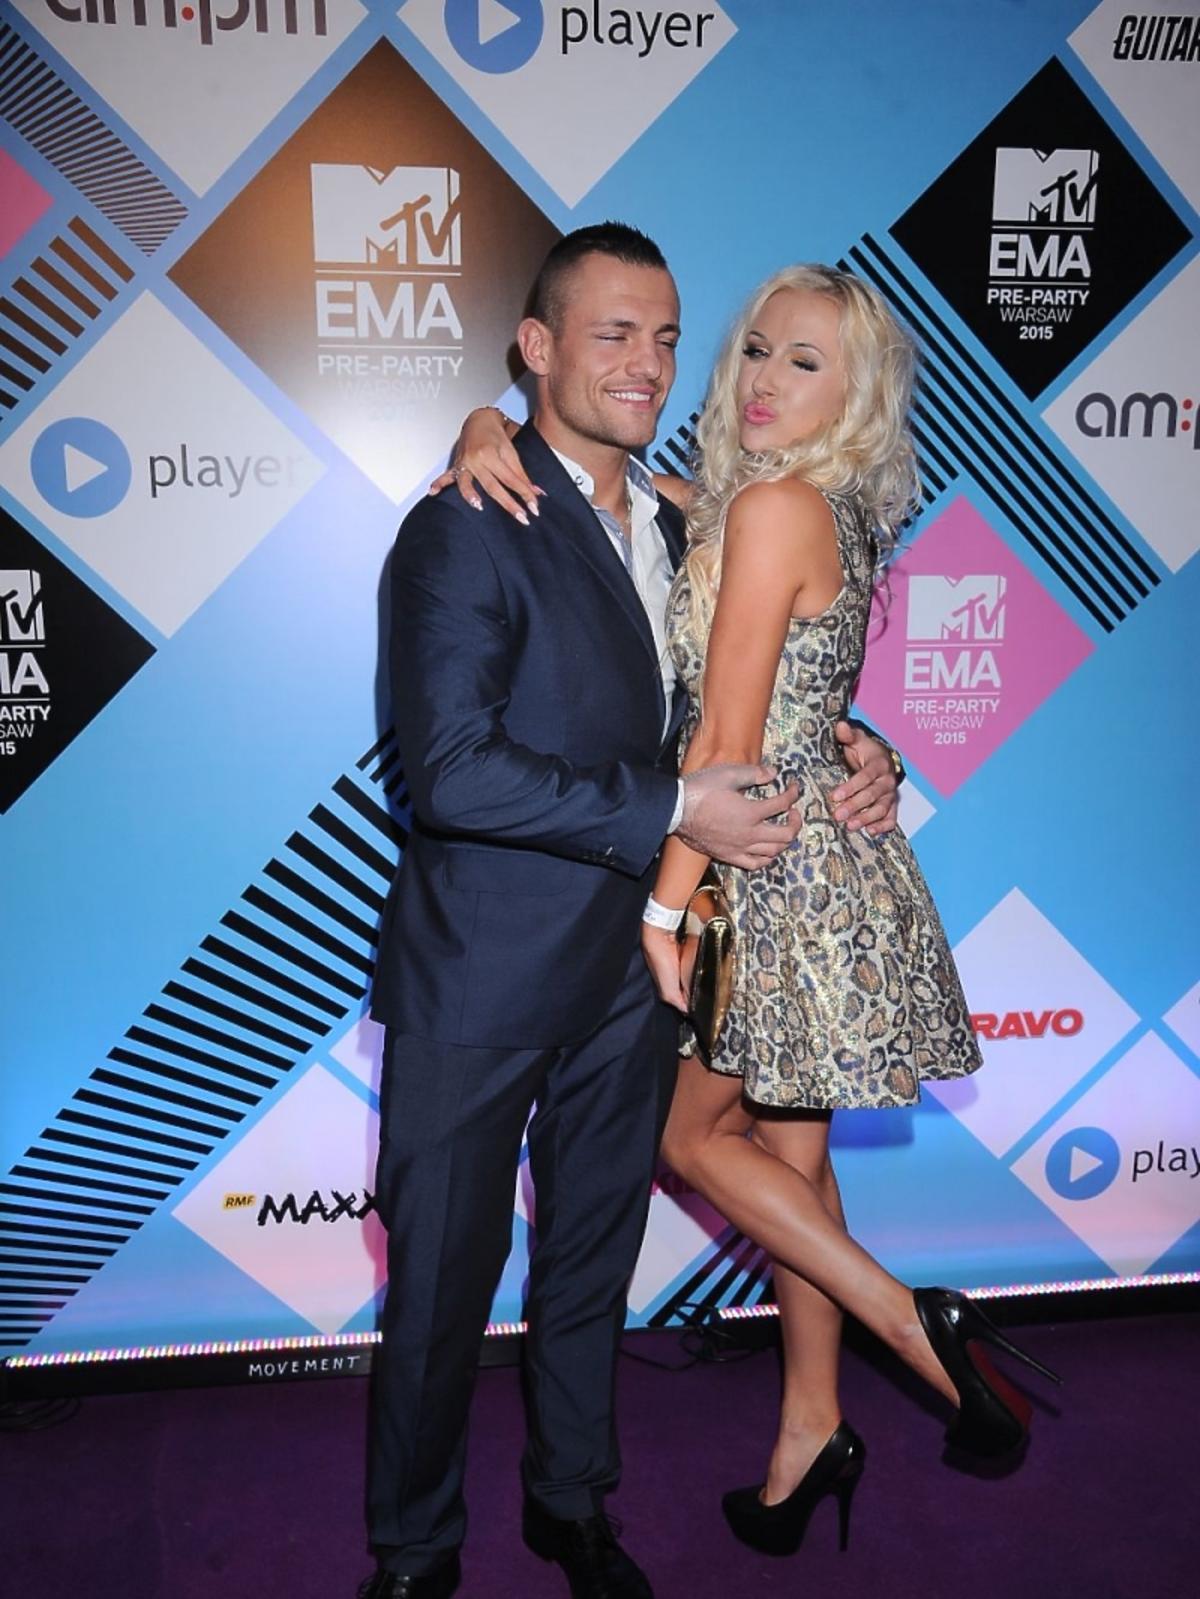 Eliza i Trybson na MTV EMA Pre Party 2015